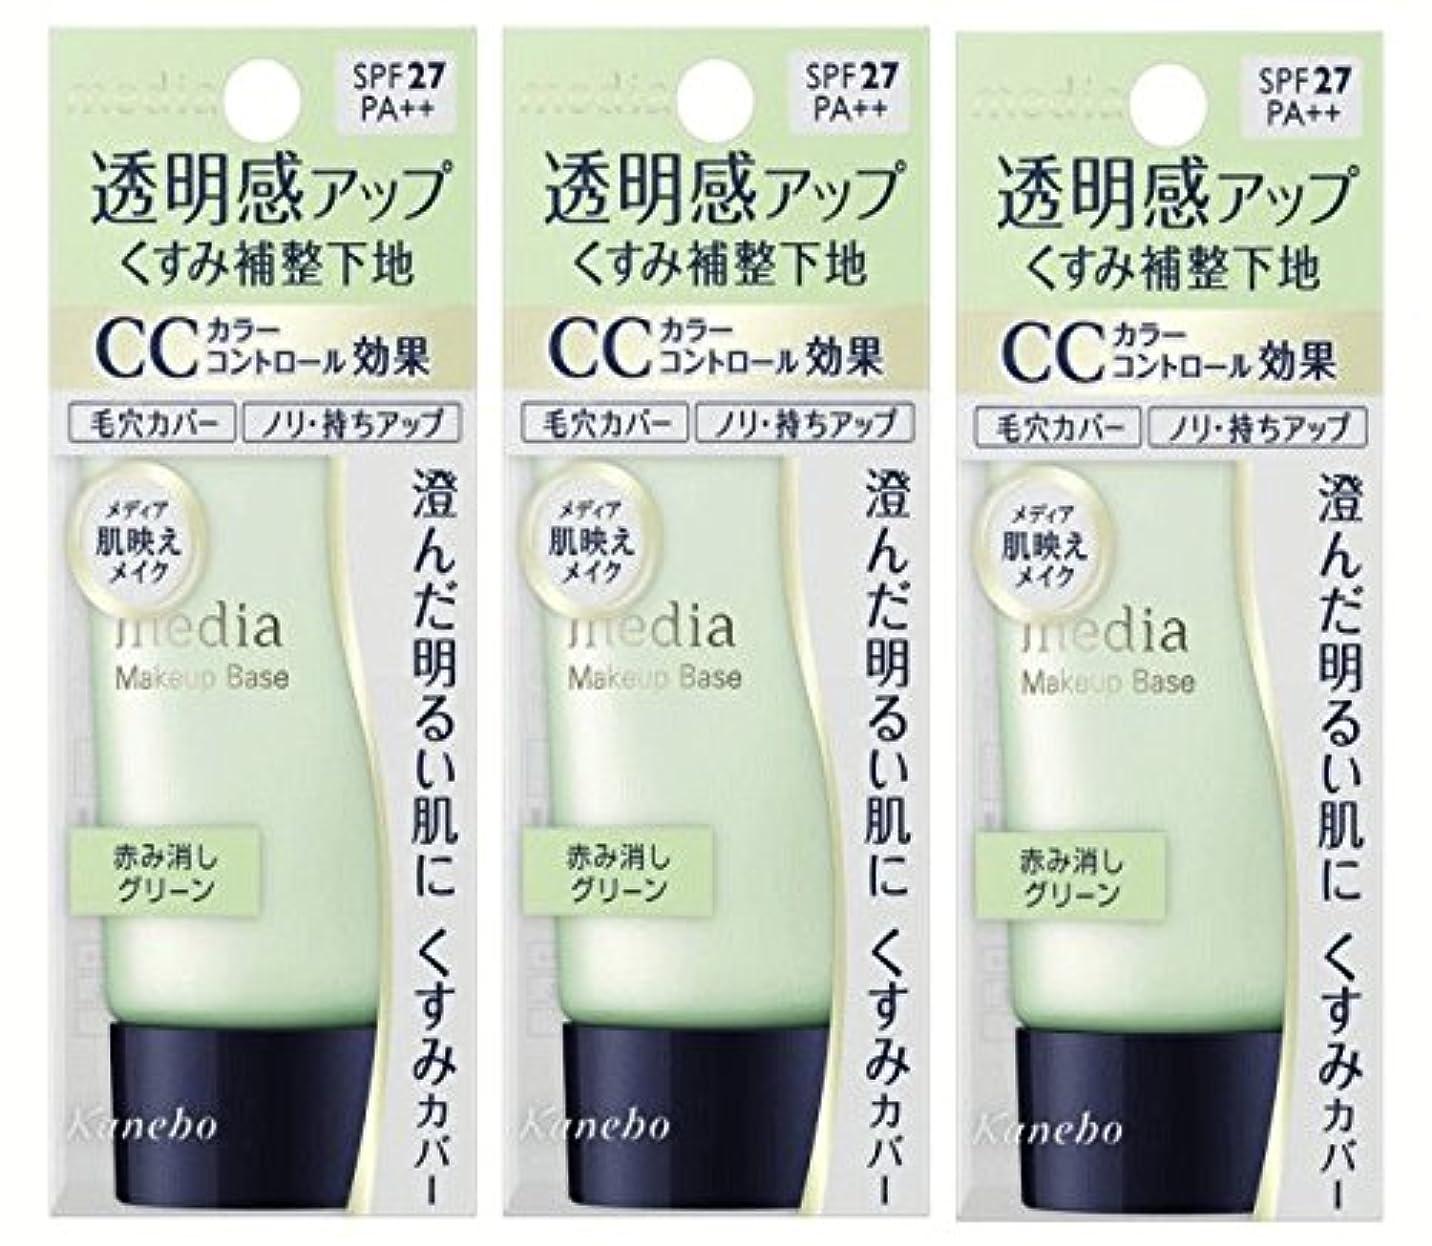 汚物シーズン約【3個セット】カネボウメディア(media) メイクアップベースS(グリーン)